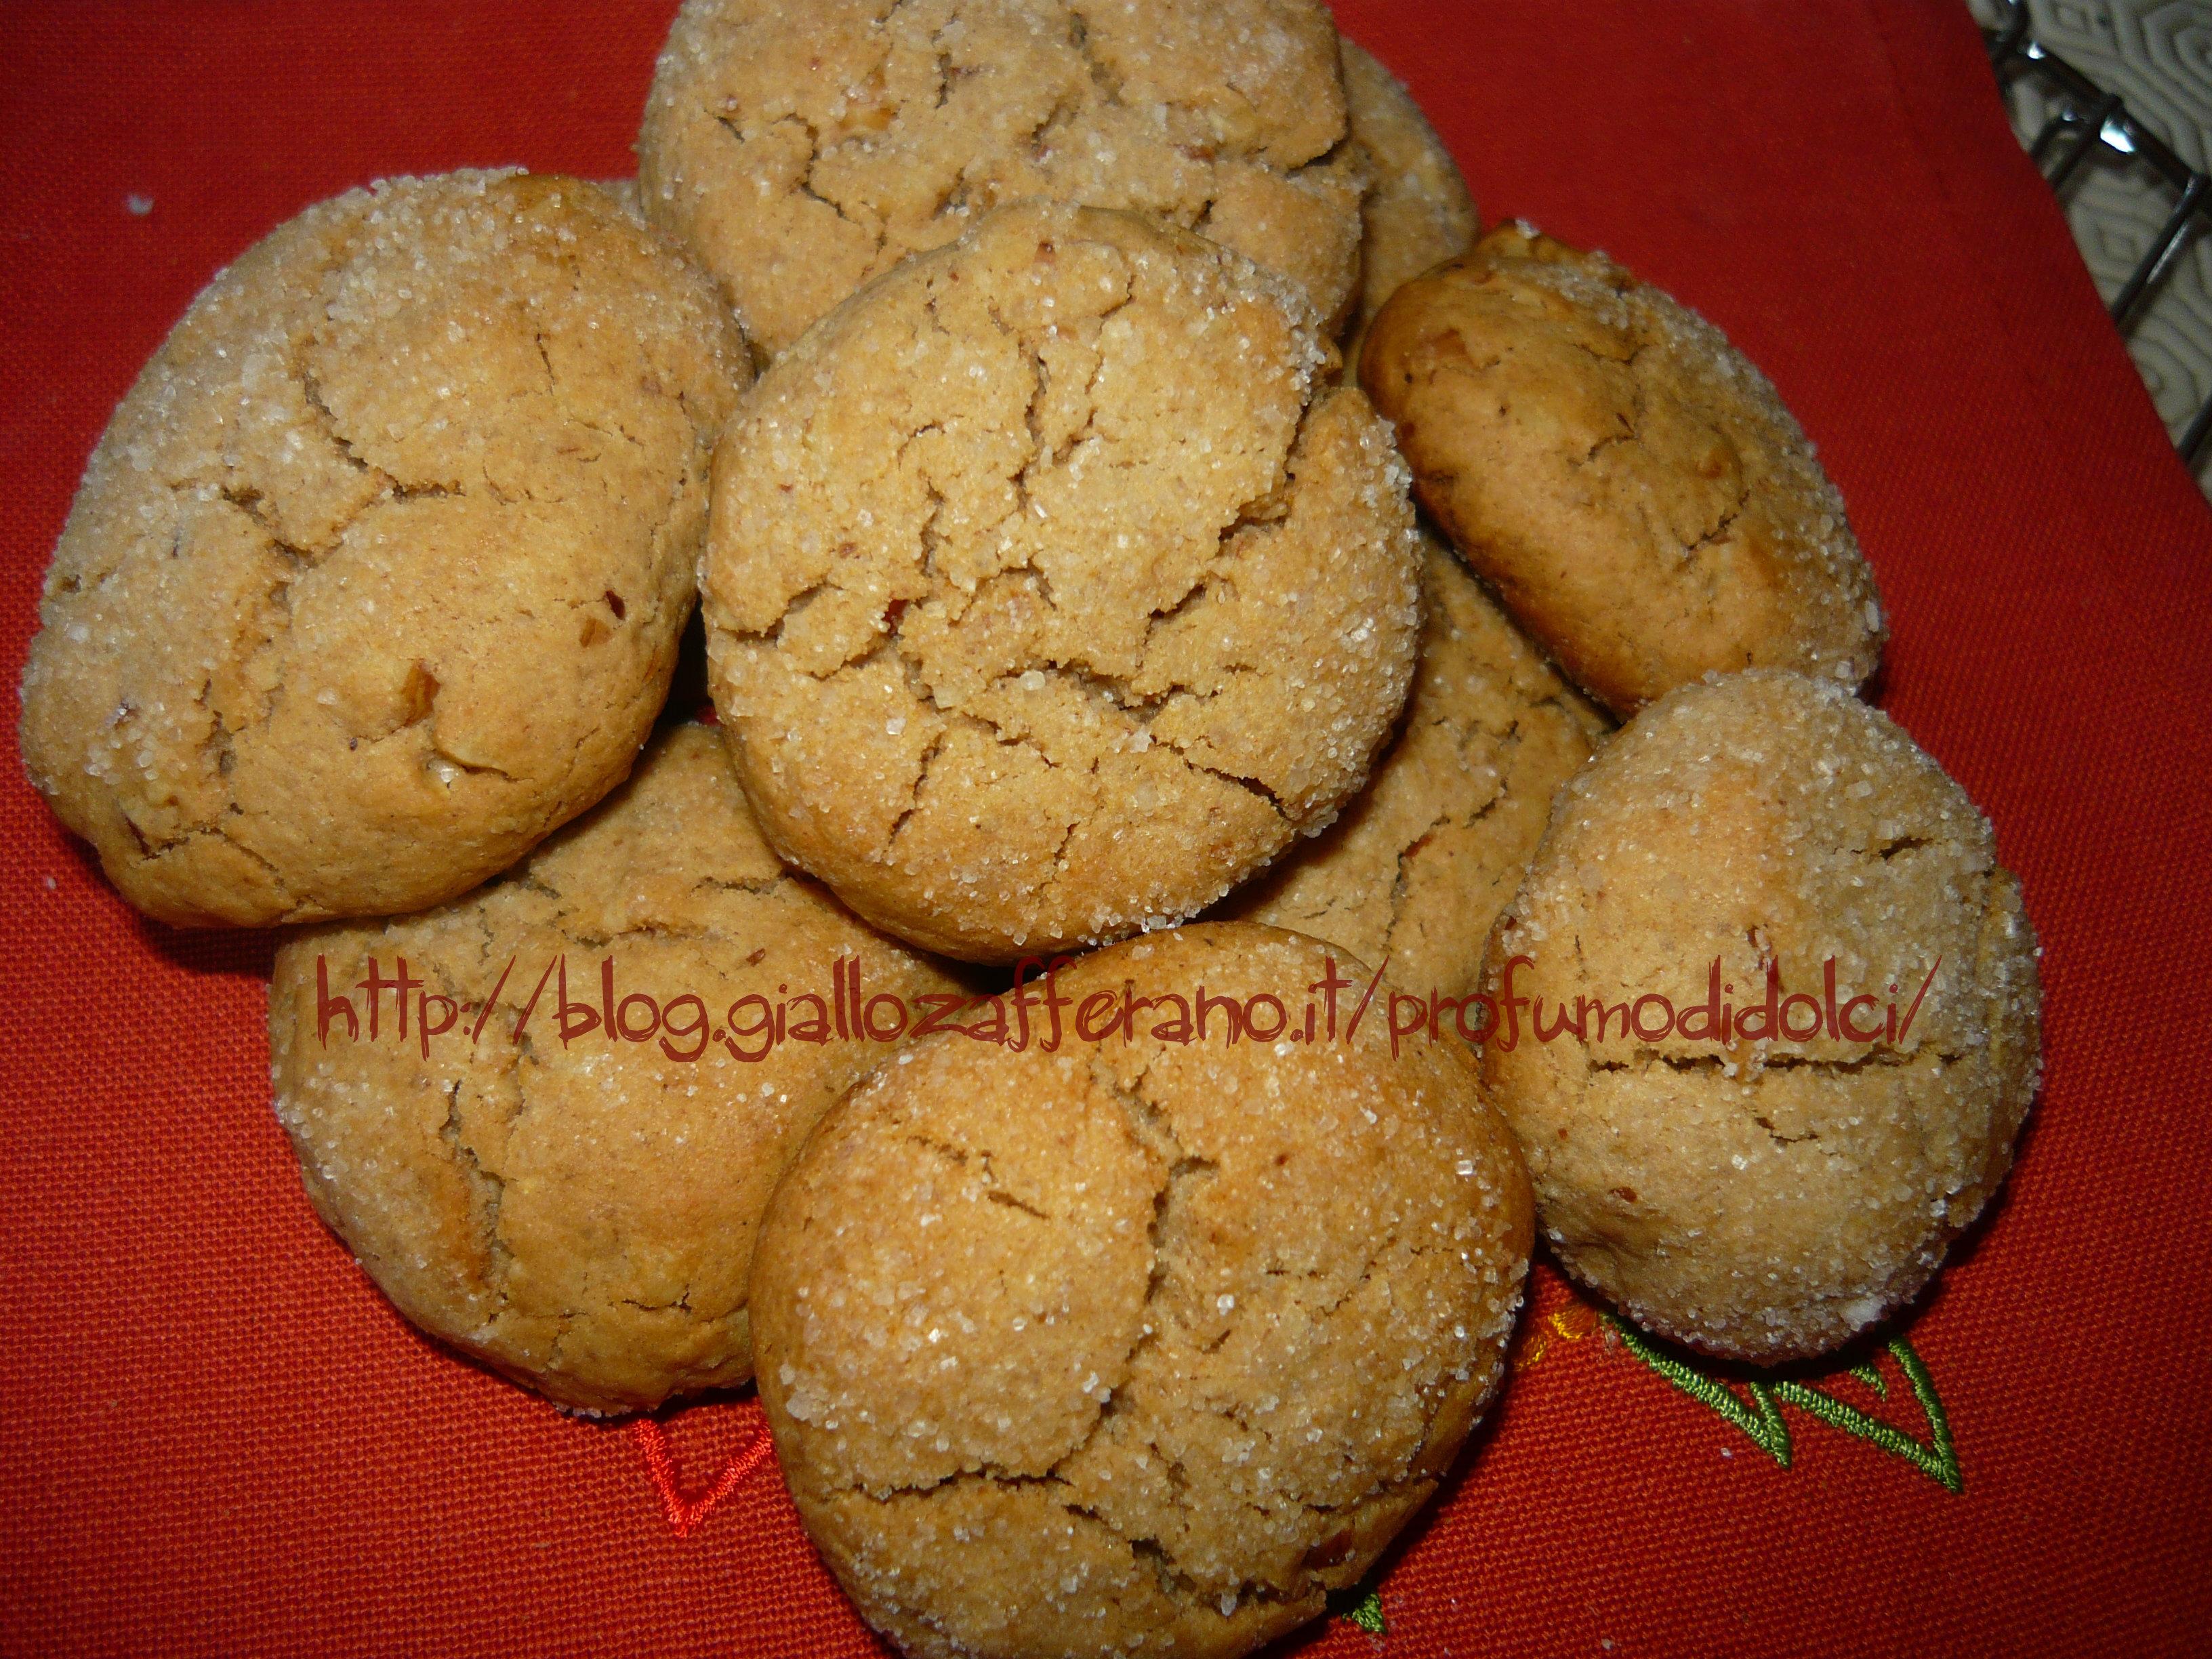 Dolci Da Credenza Biscotti Alle Nocciole : Nocciole archives profumo di dolci